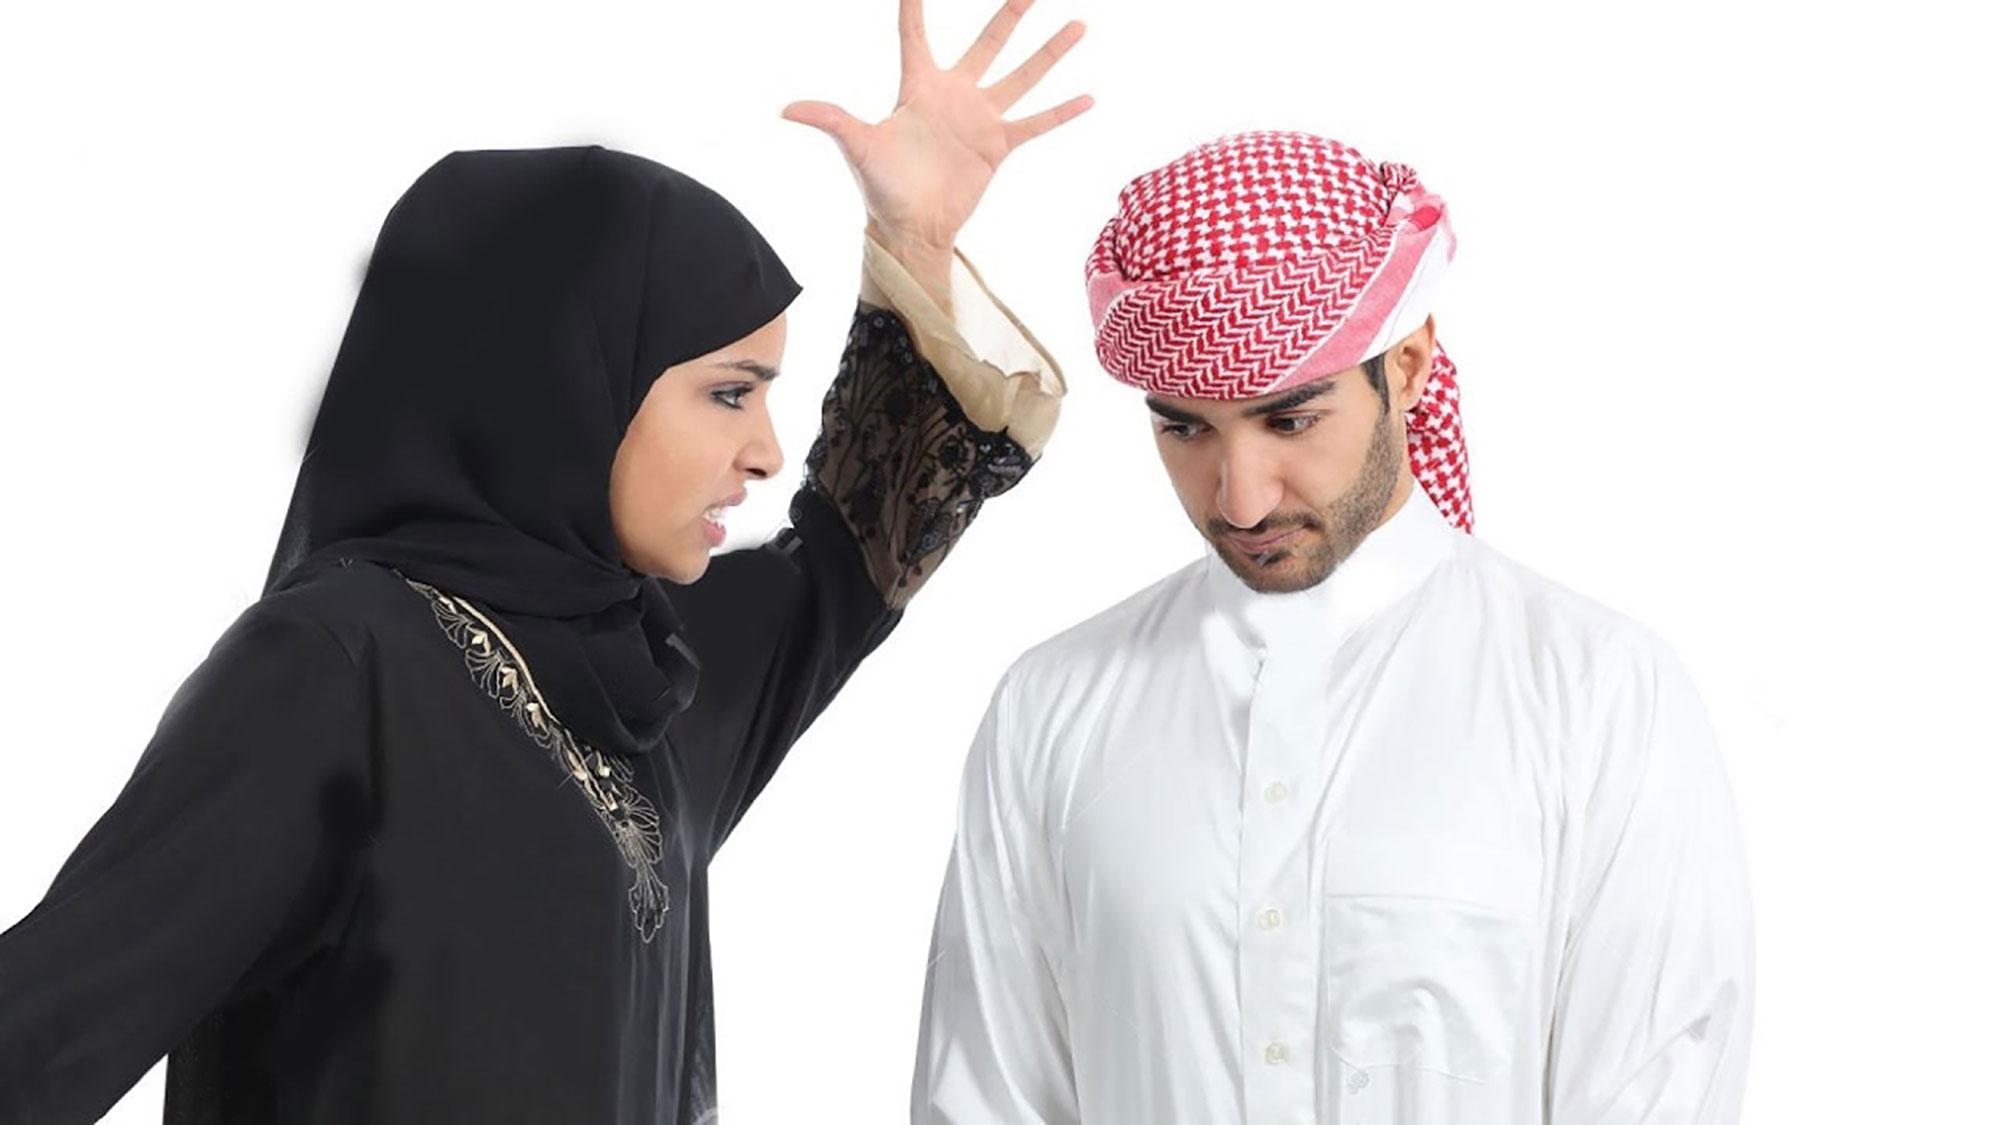 Может ли жена потребовать развода, если муж импотент?